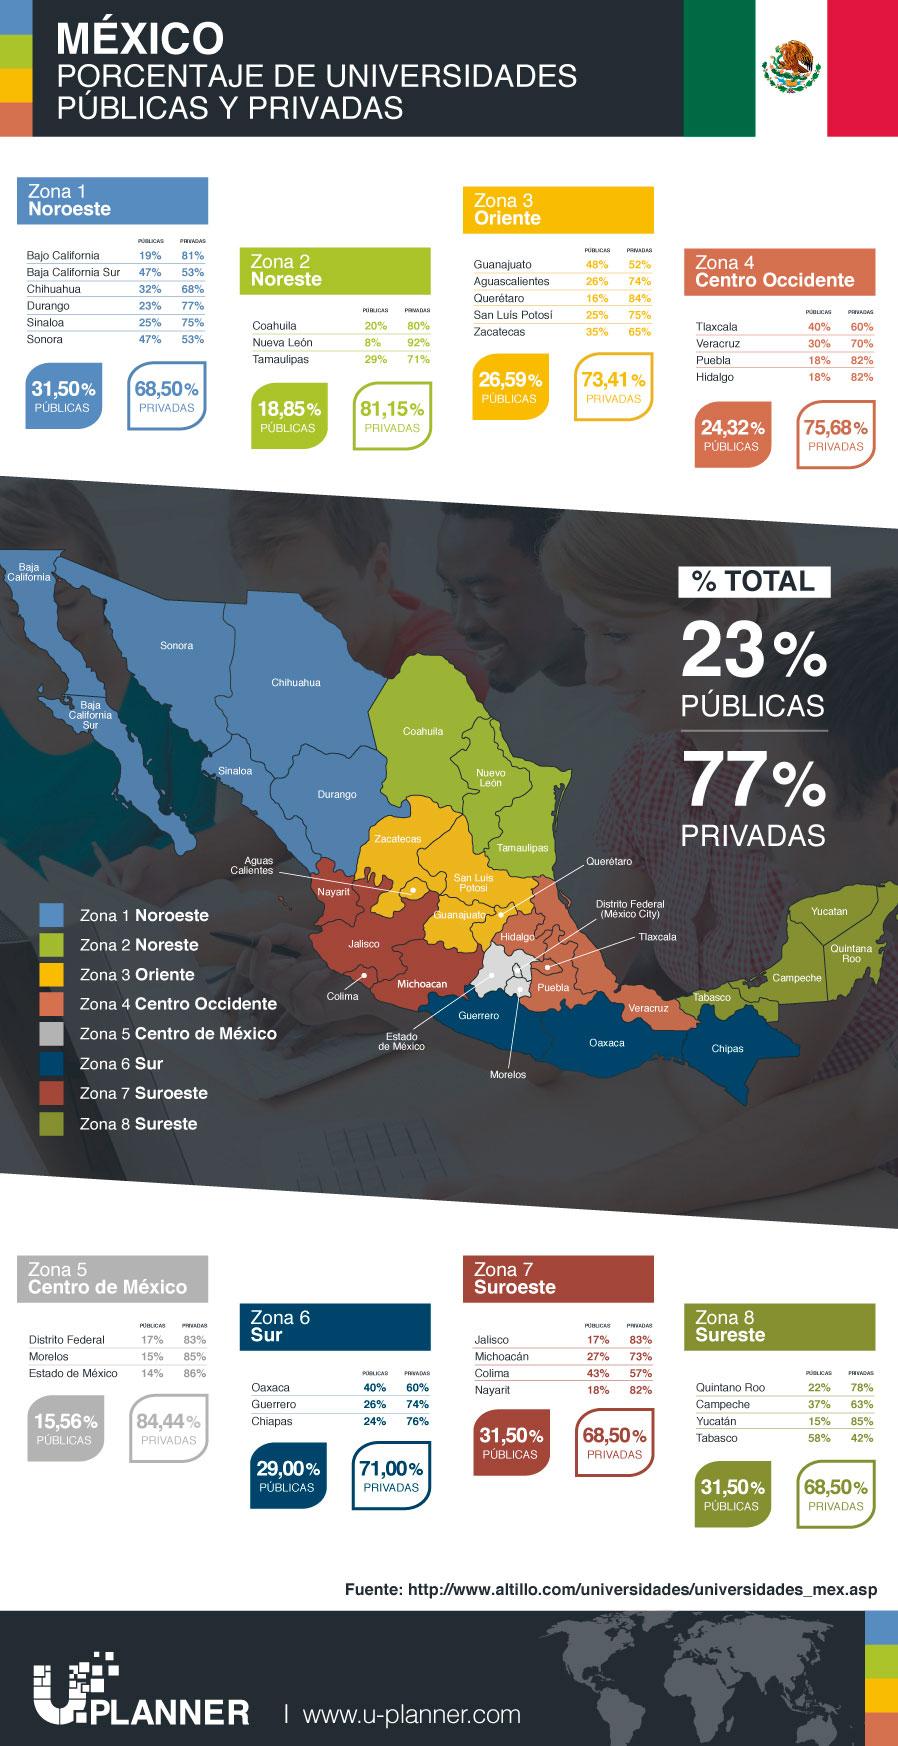 Infografia_Mexico-Unis-privadas-y-publicas.jpg